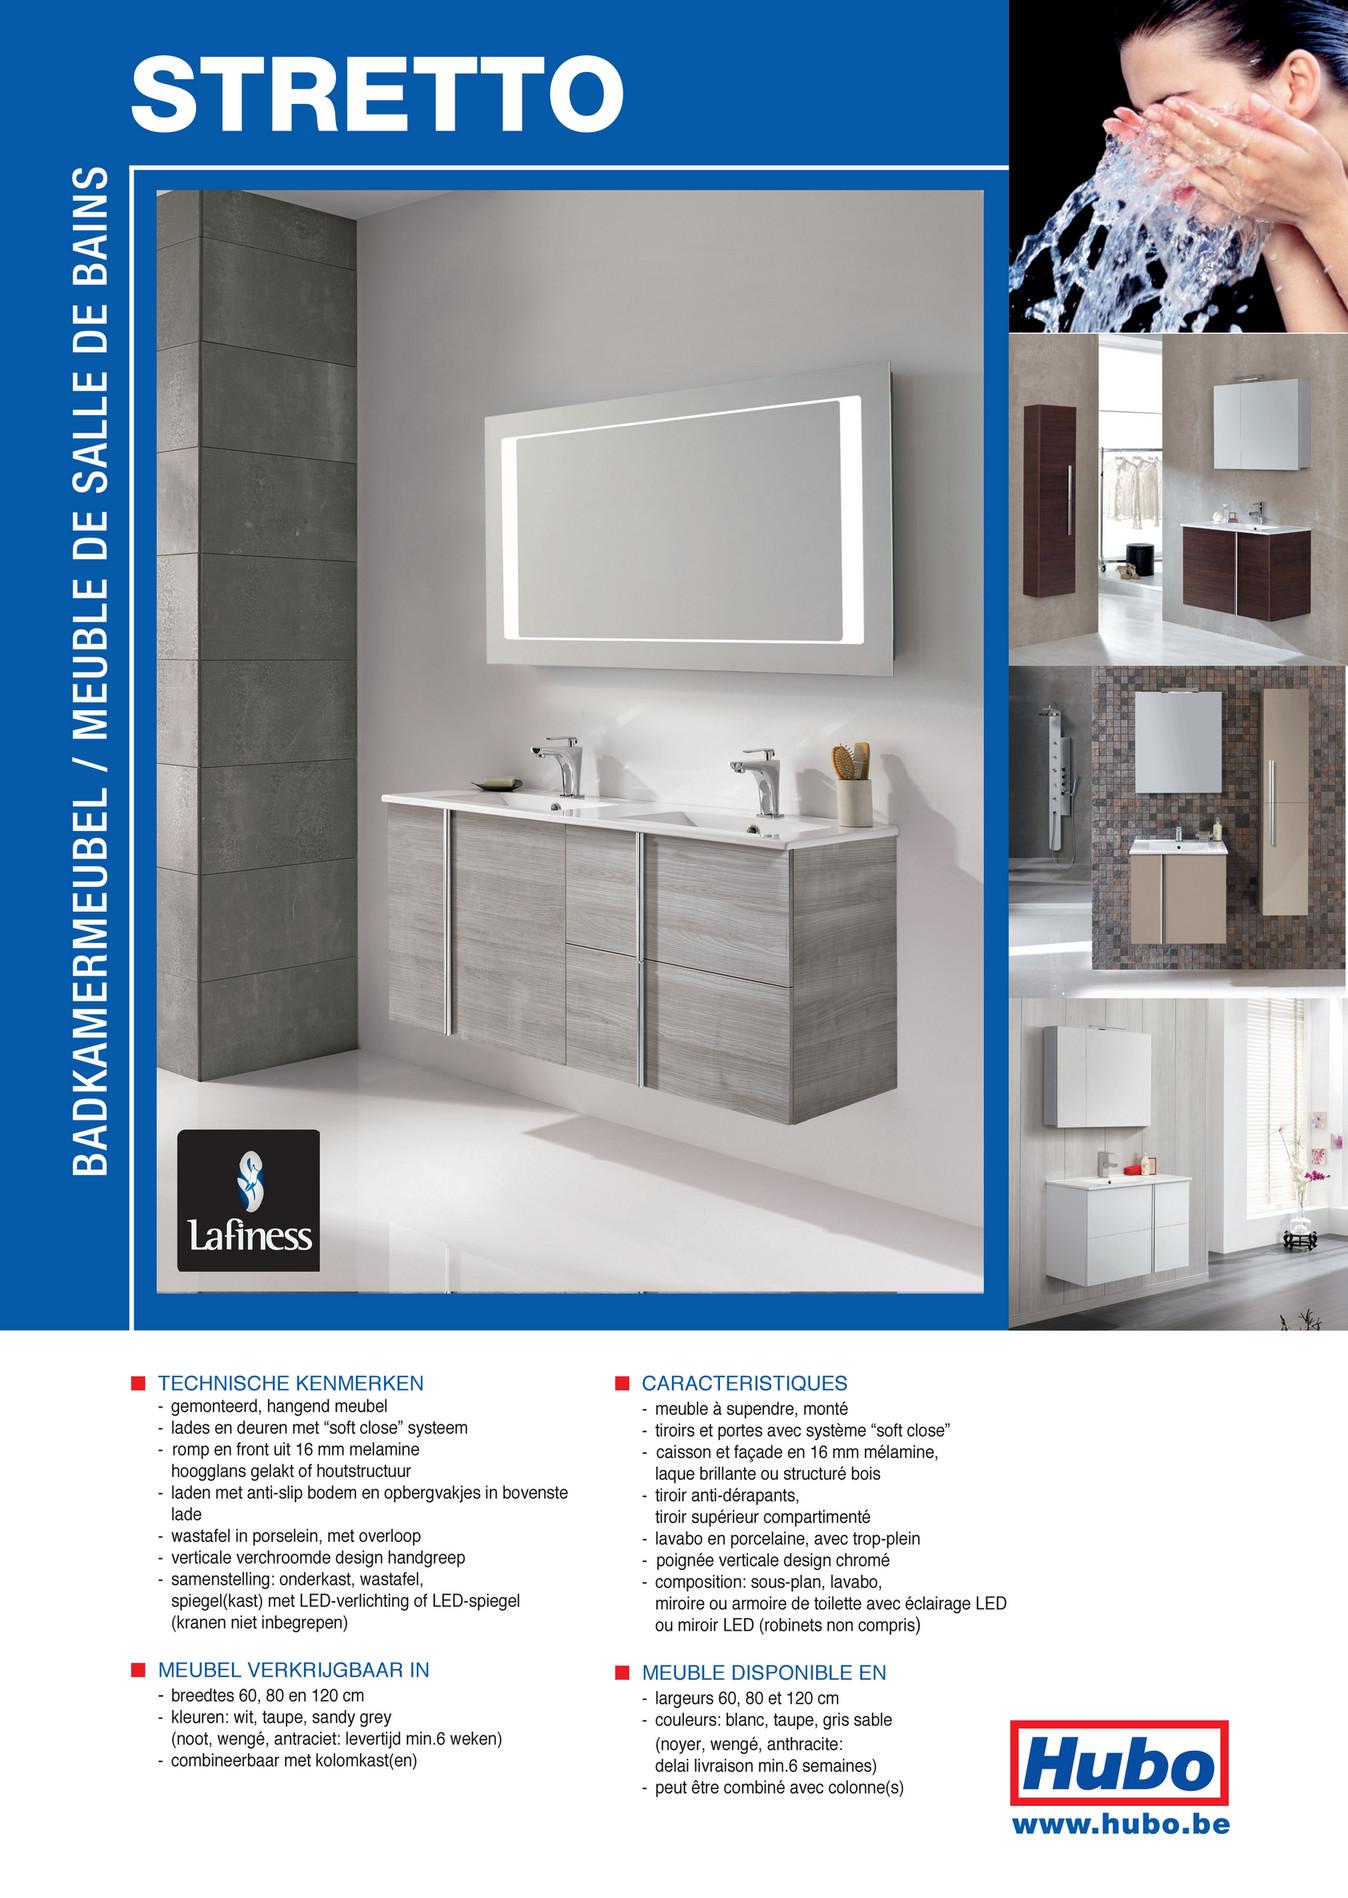 Hubo catalogue meuble de salle de bains stretto page 1 for Catalogue salle de bain pdf